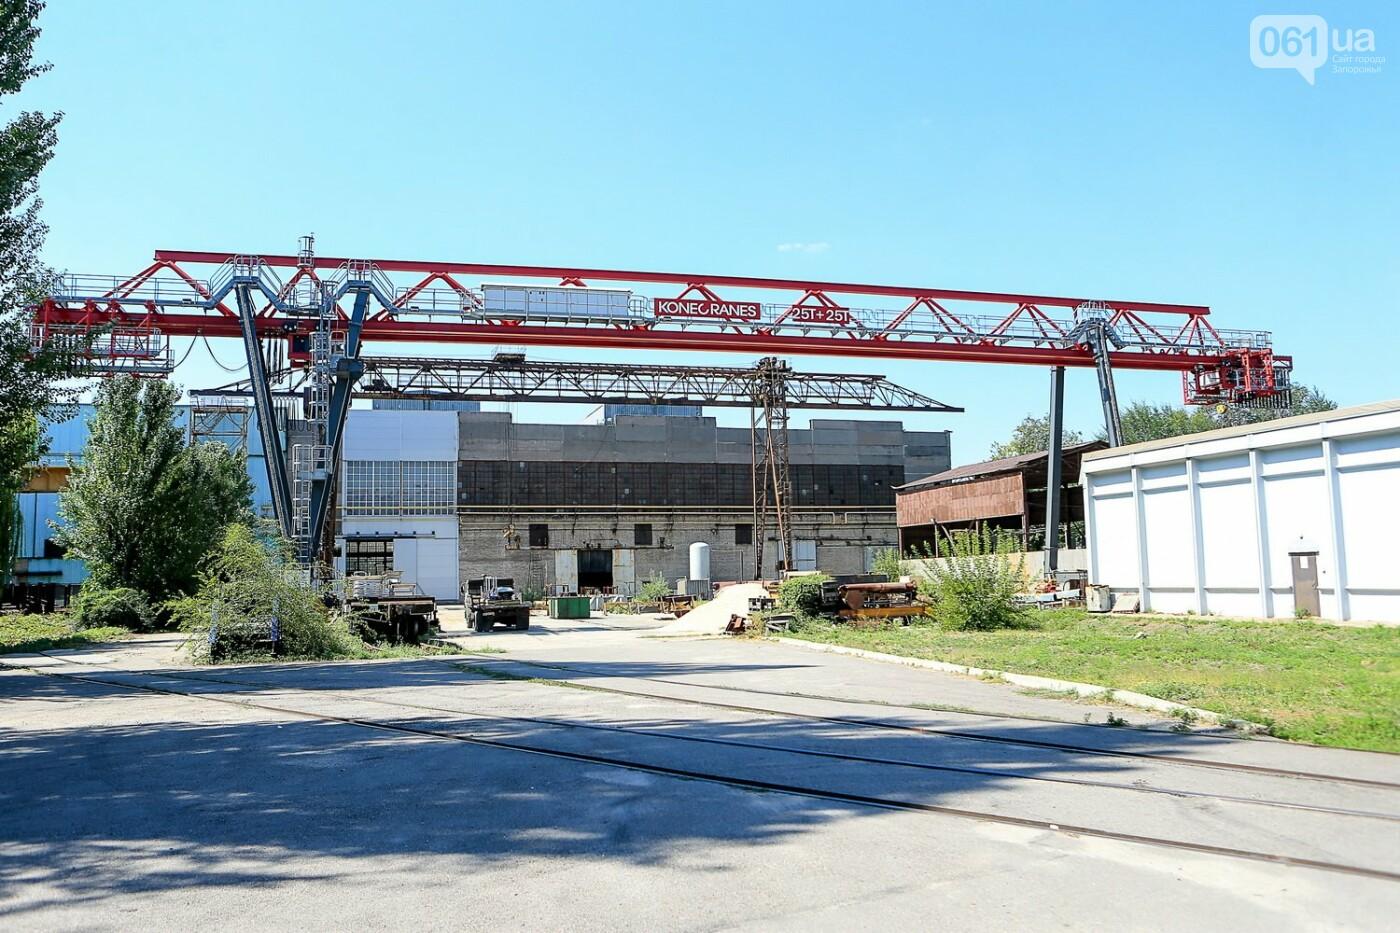 Как в Запорожье работает крупнейший в Европе завод по производству кранов: экскурсия на производство, — ФОТОРЕПОРТАЖ, фото-5